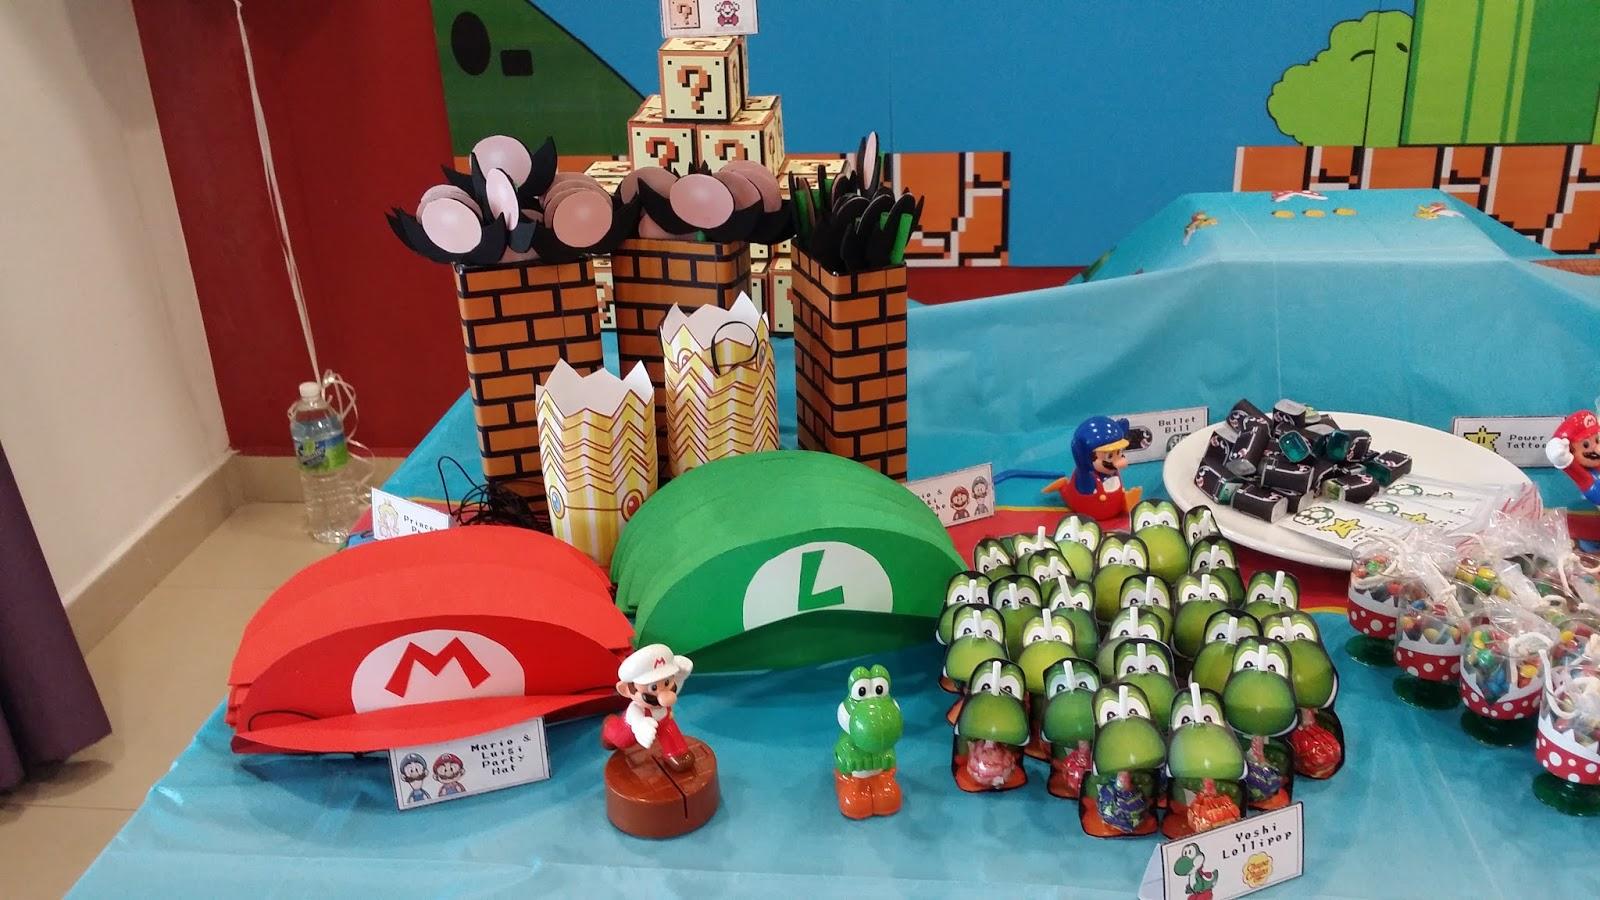 Ez Party Diy My Very Own Diy Super Mario Themed Party